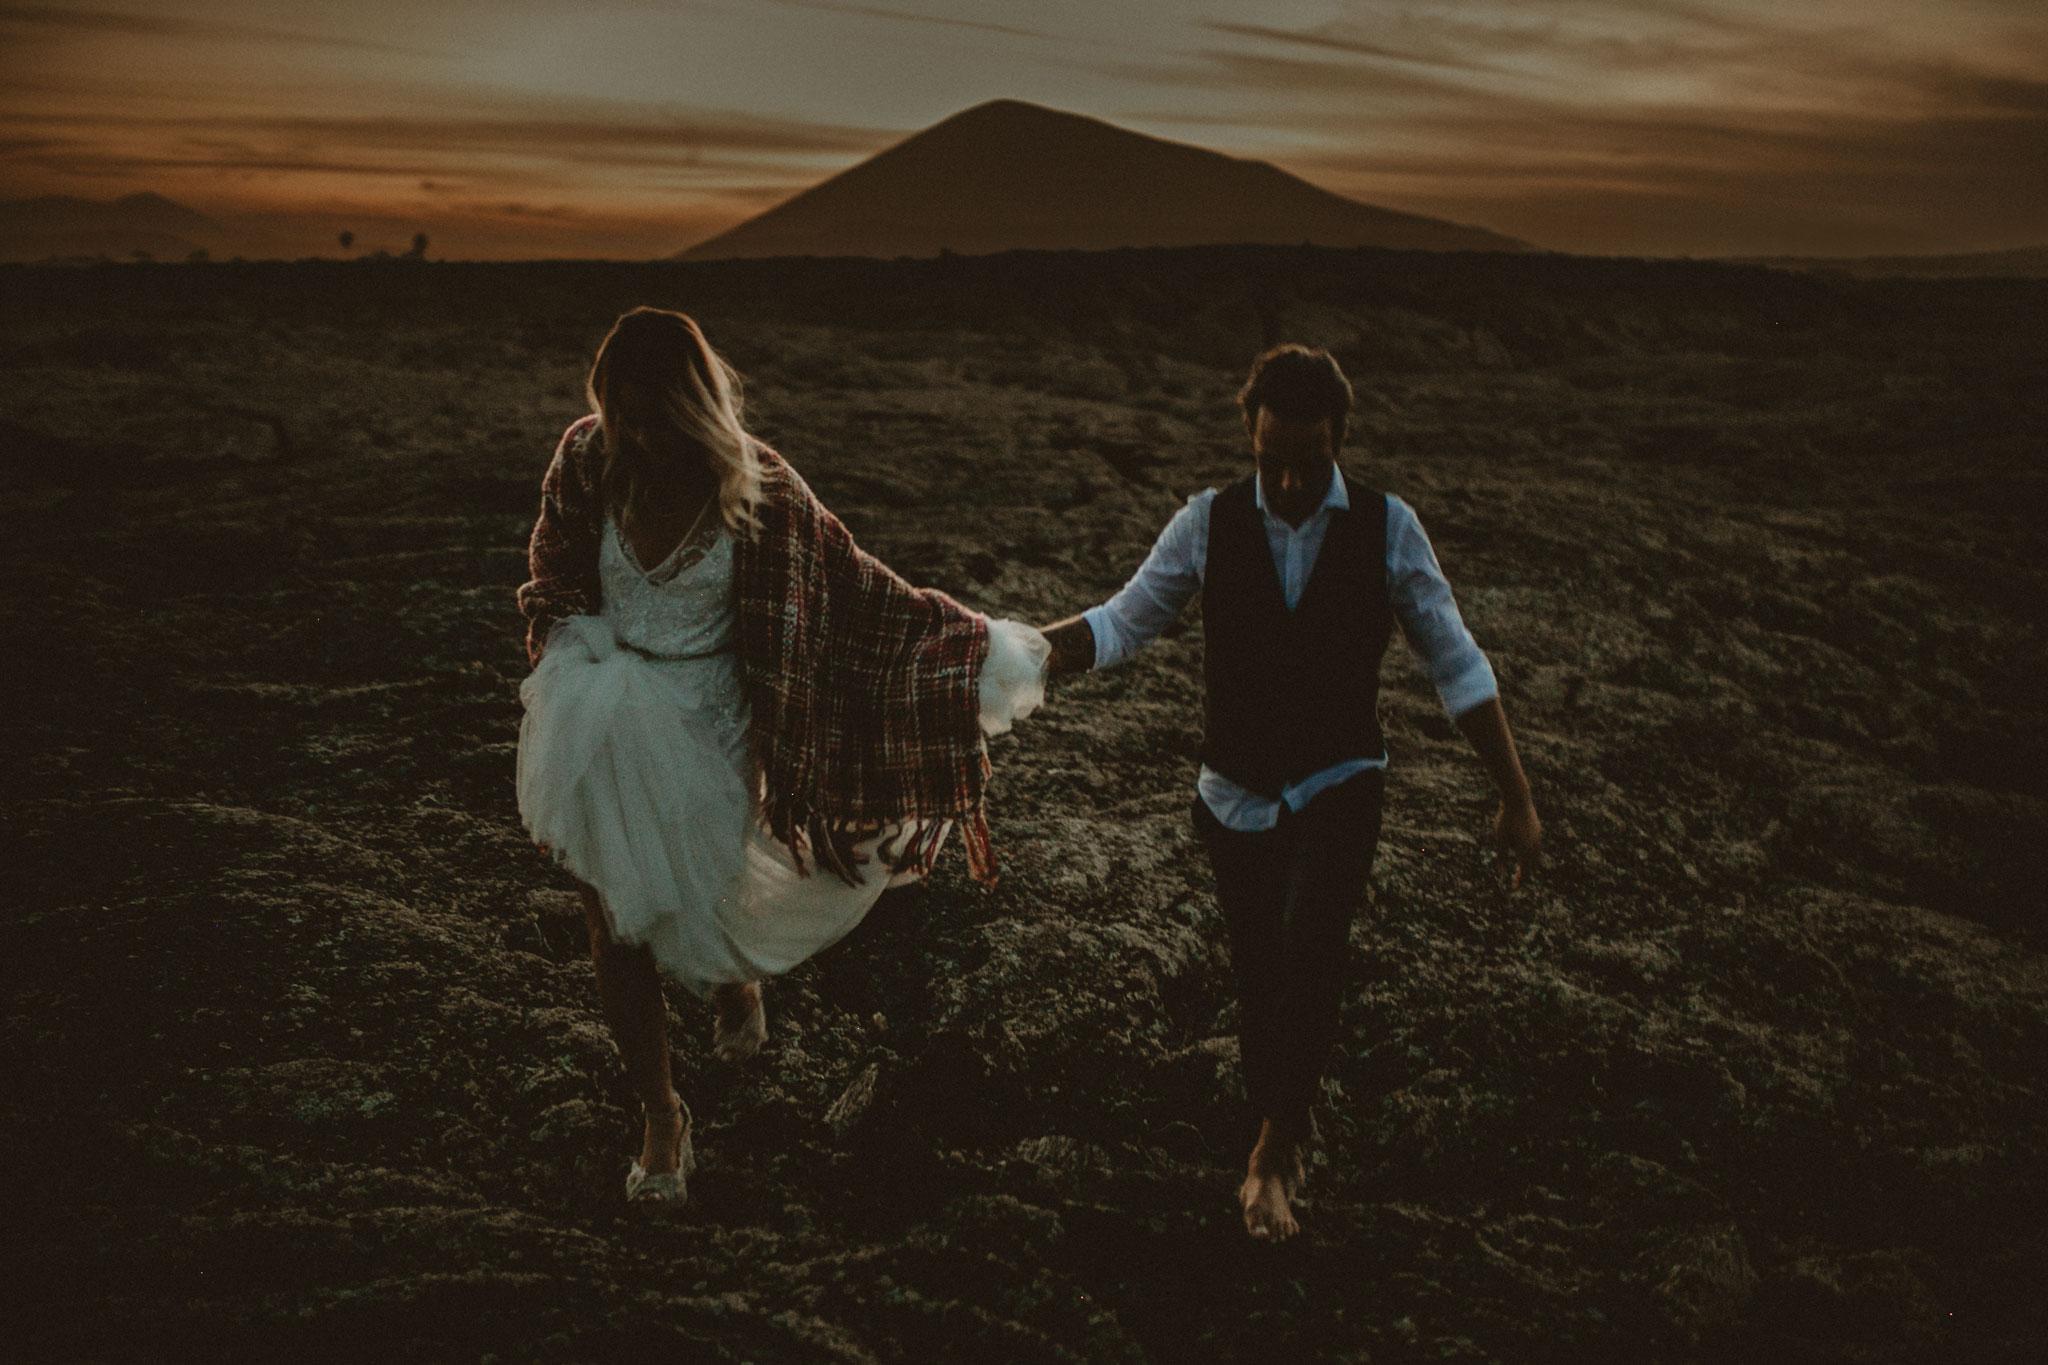 mejor fotografo de bodas en Lanzarote, Islas Canarias